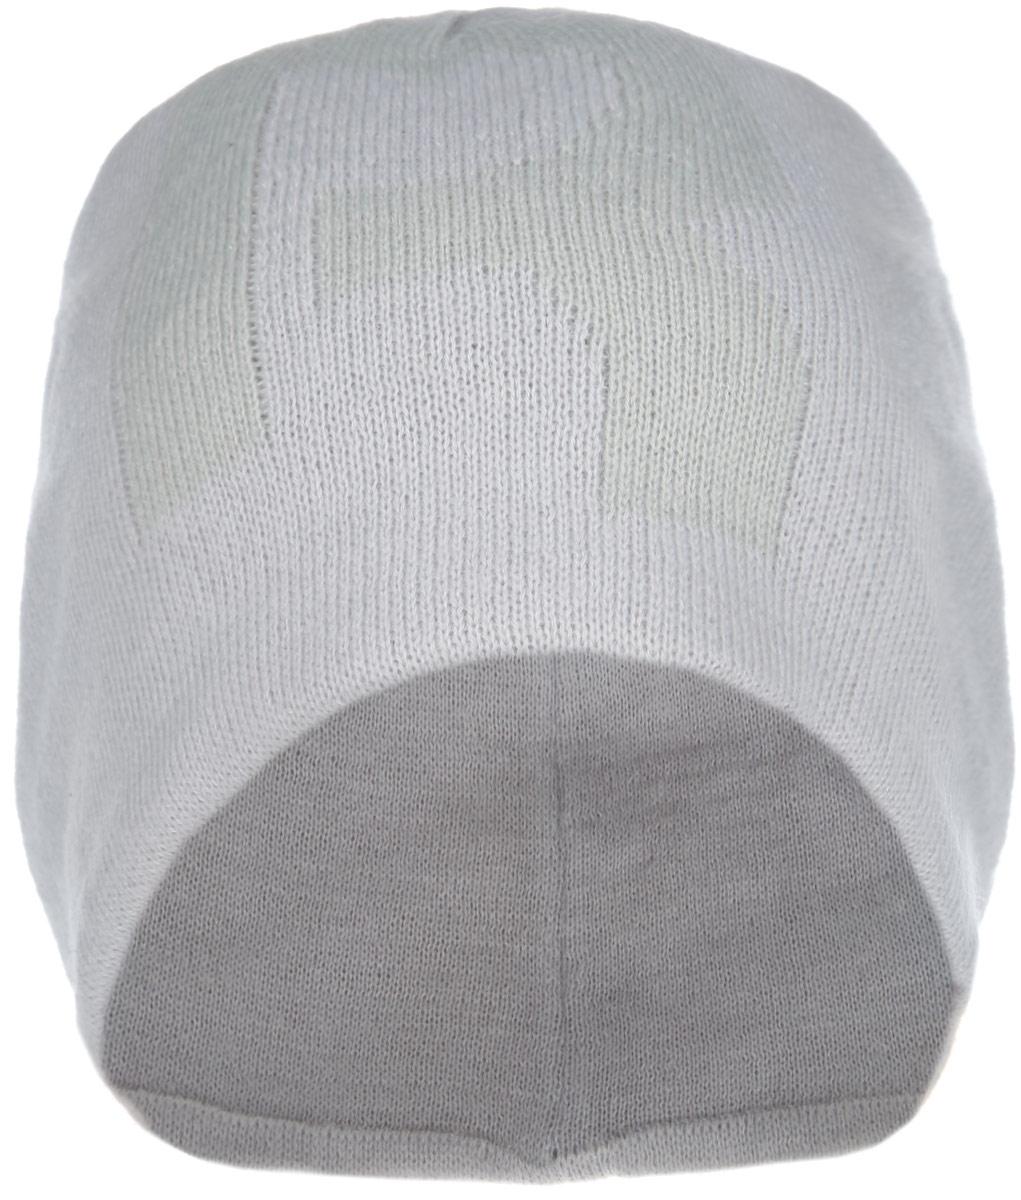 Шапка мужская. Z79232Z79232Мужская шапка Reebok - модная шапка спортивного стиля, которая отлично дополнит ваш образ в холодную погоду. Акриловая пряжа максимально сохраняет тепло и обеспечивает удобную посадку. Шапка связана мелкой резинкой и оформлена вышитым логотипом бренда. Такая шапка составит идеальный комплект с модной верхней одеждой, в ней вам будет уютно и тепло!